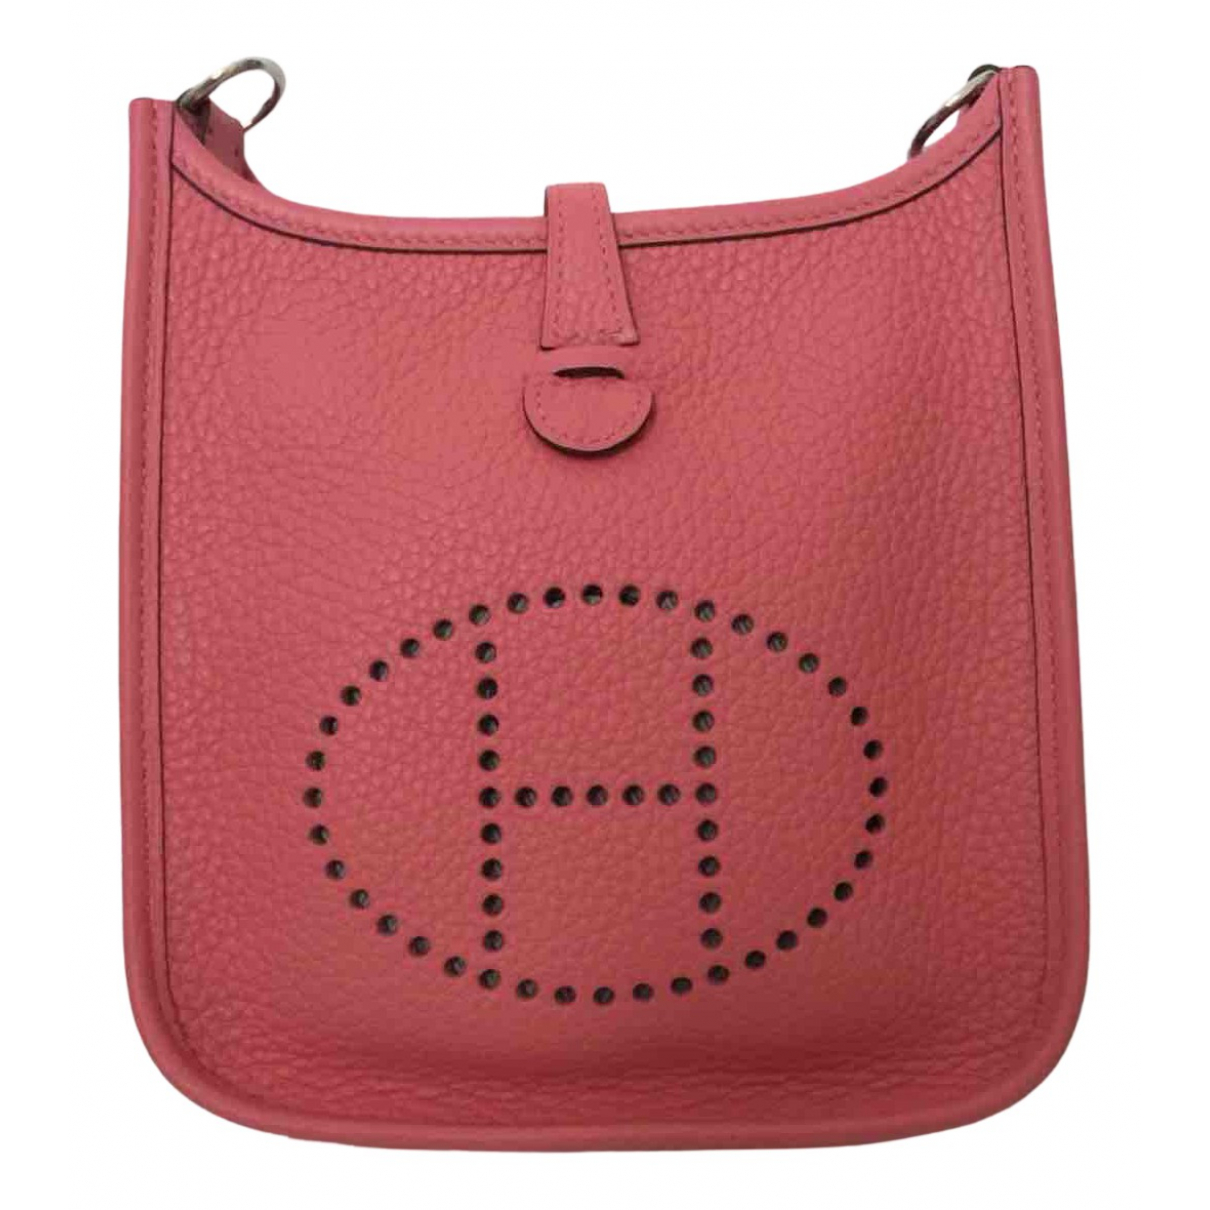 Hermes Evelyne Handtasche in  Rosa Leder